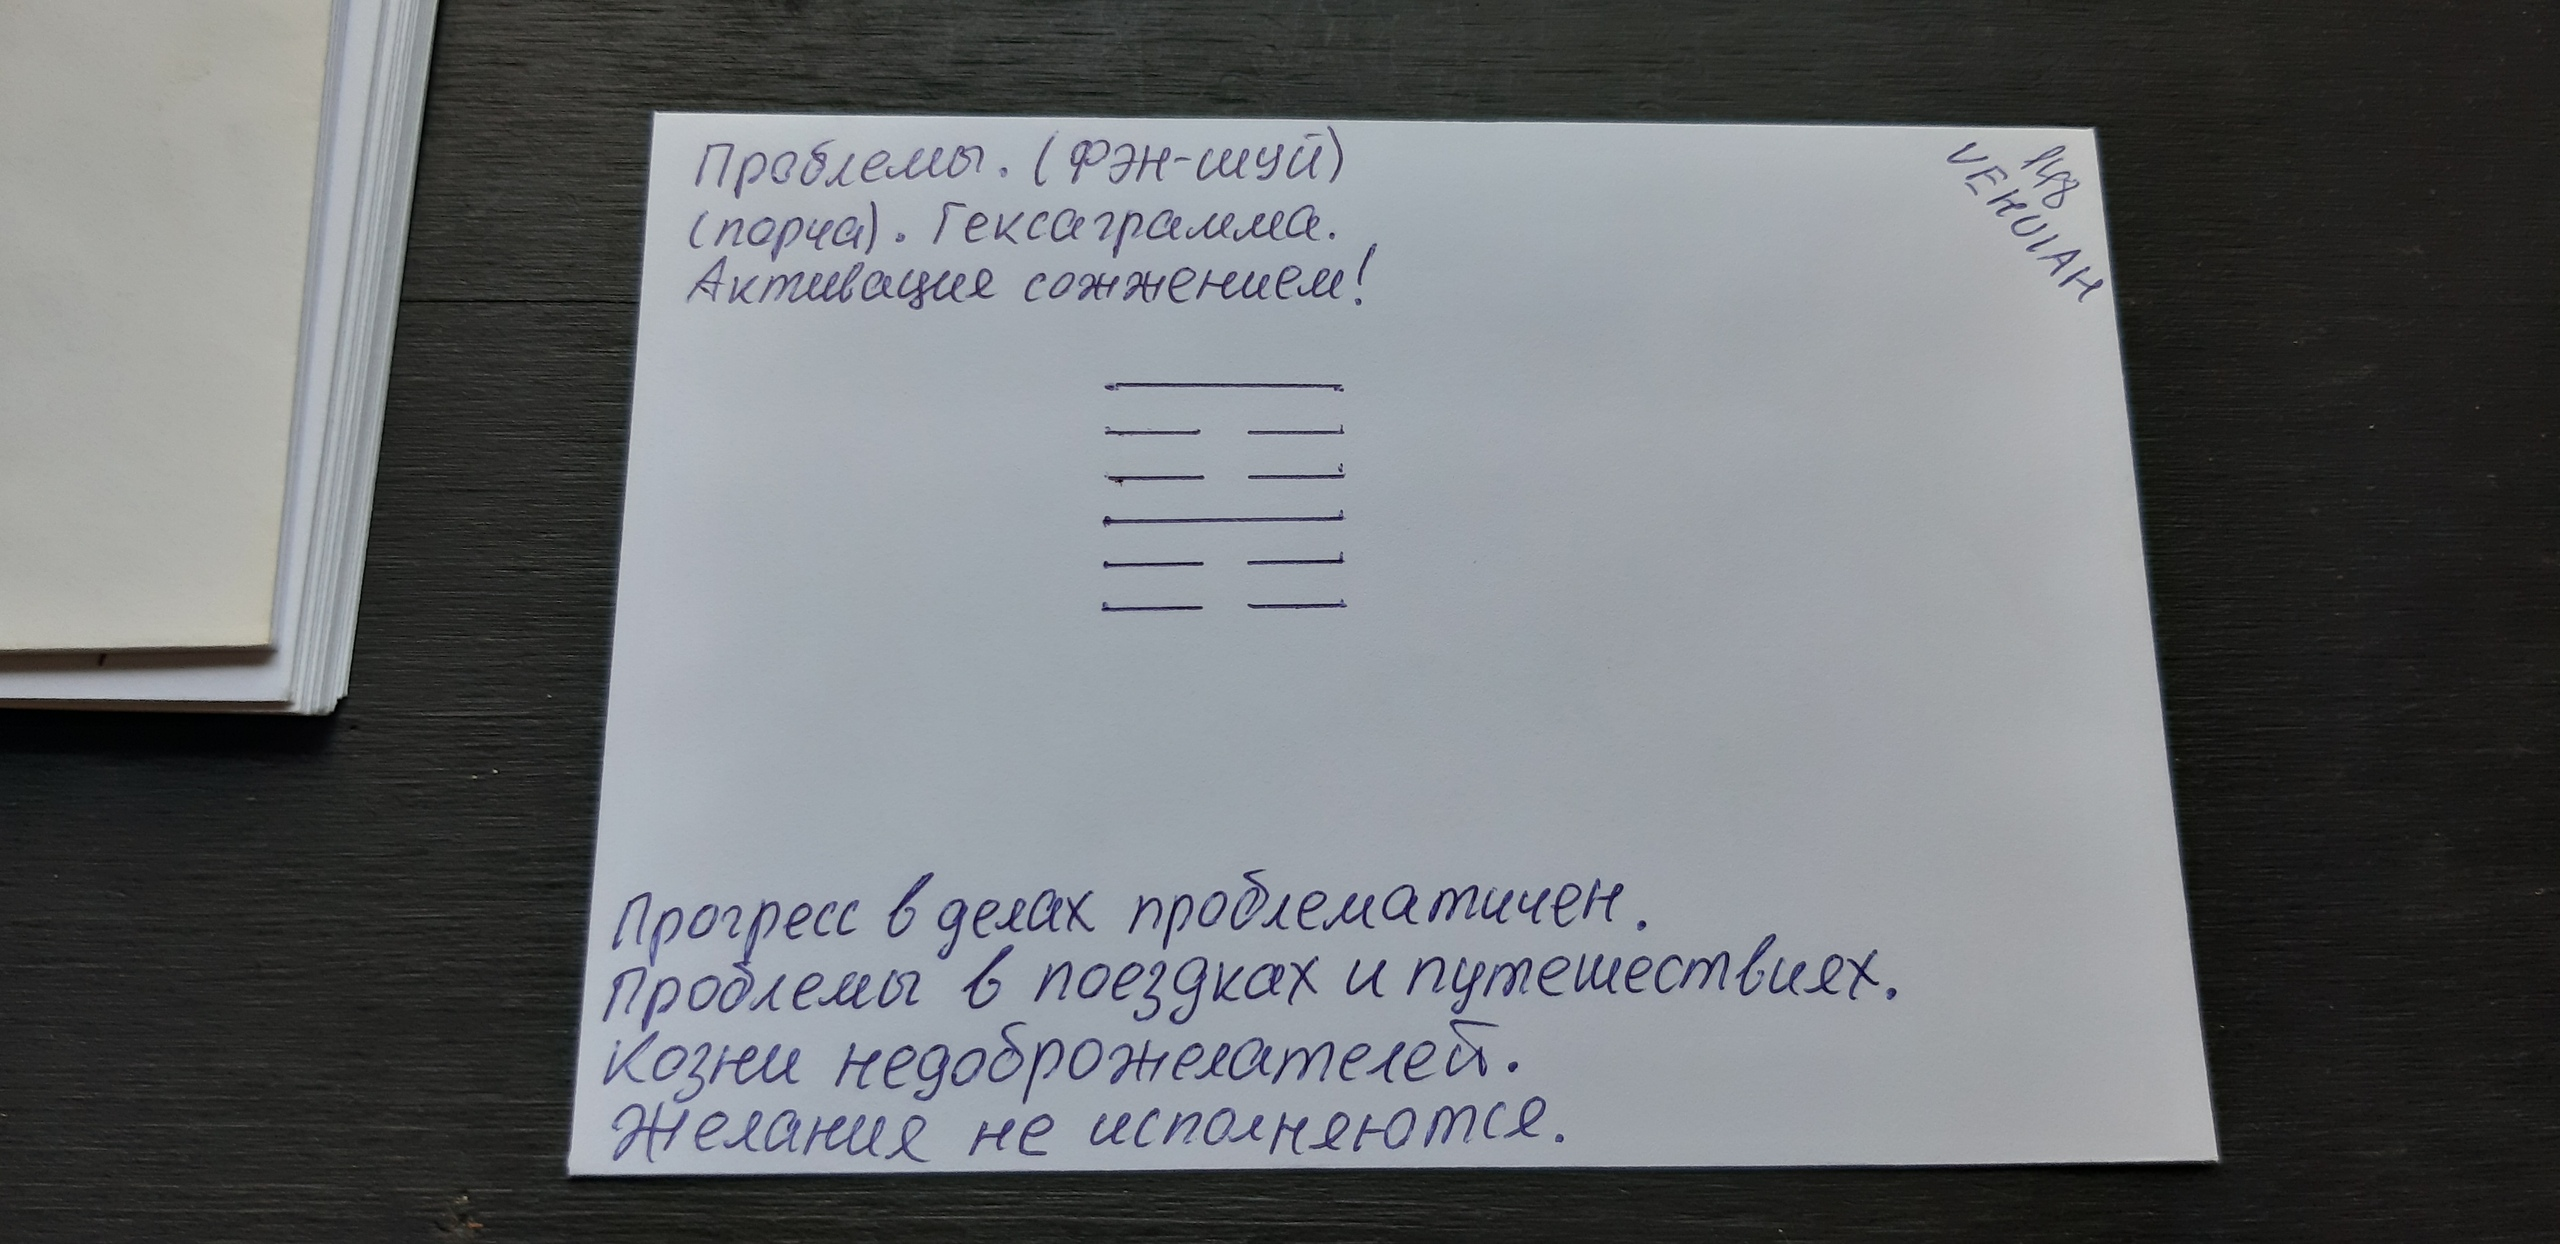 Конверты с магическими программами от Елены Руденко. Ставы, символы, руническая магия.  - Страница 4 AEdhjPsSPs0